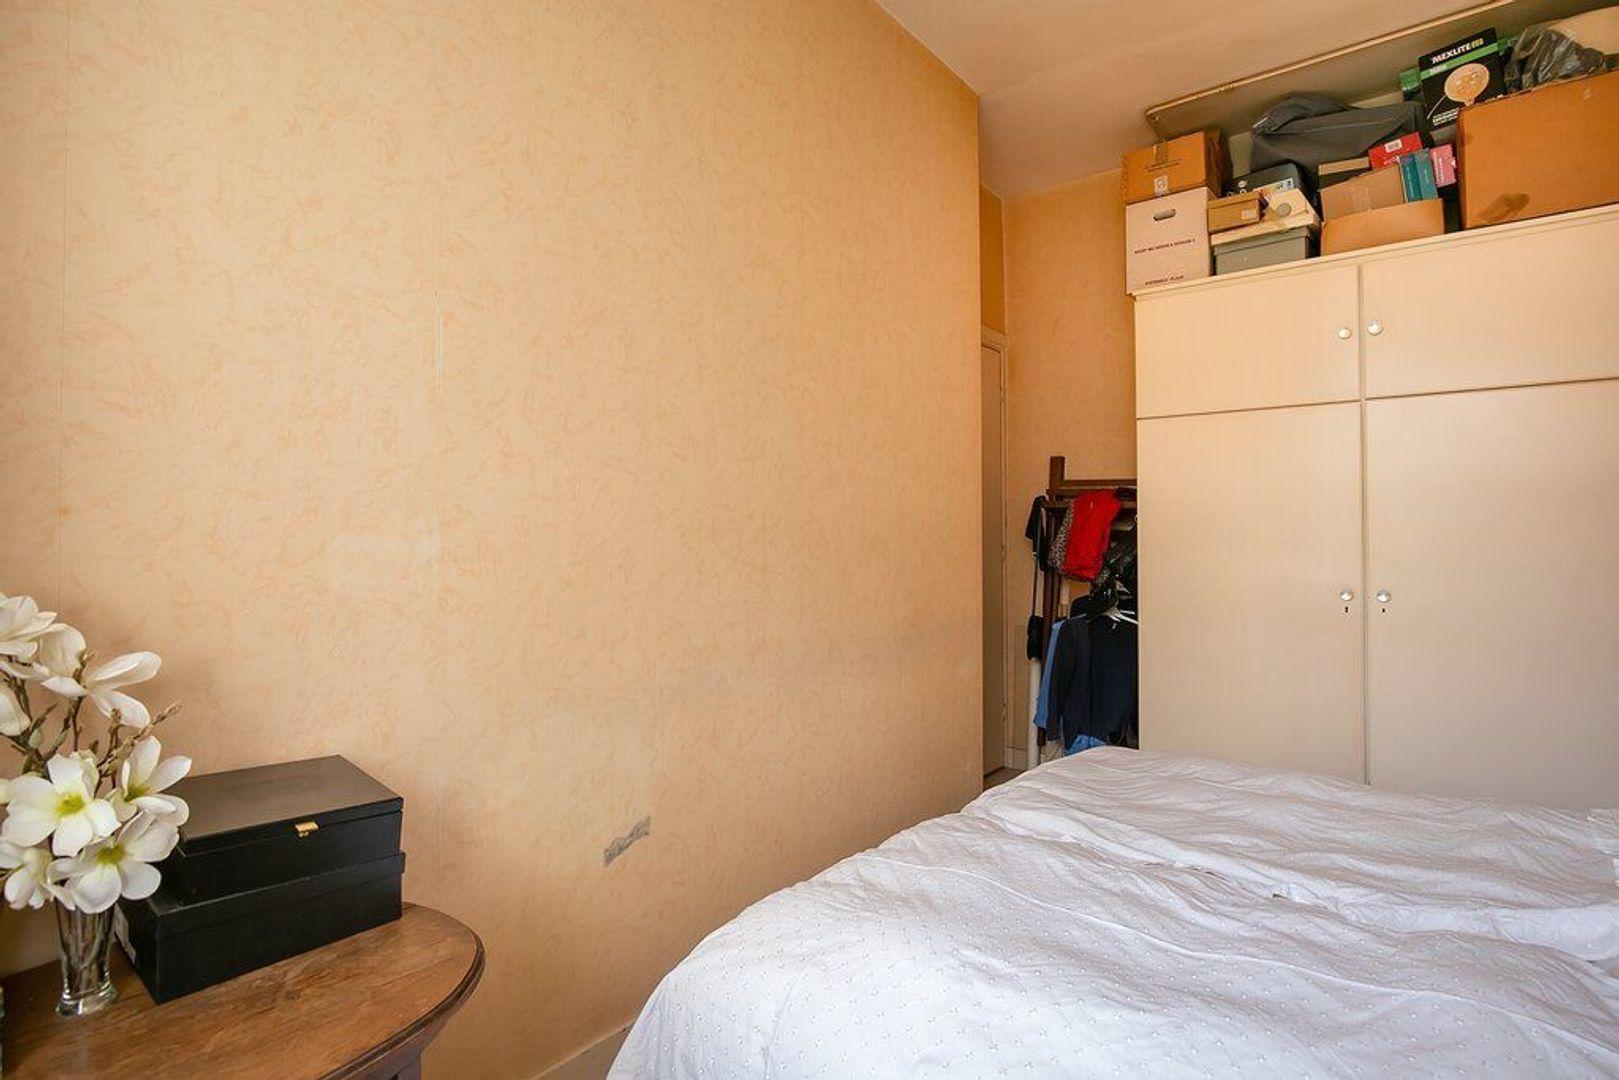 Usselincxstraat 33, Den Haag foto-22